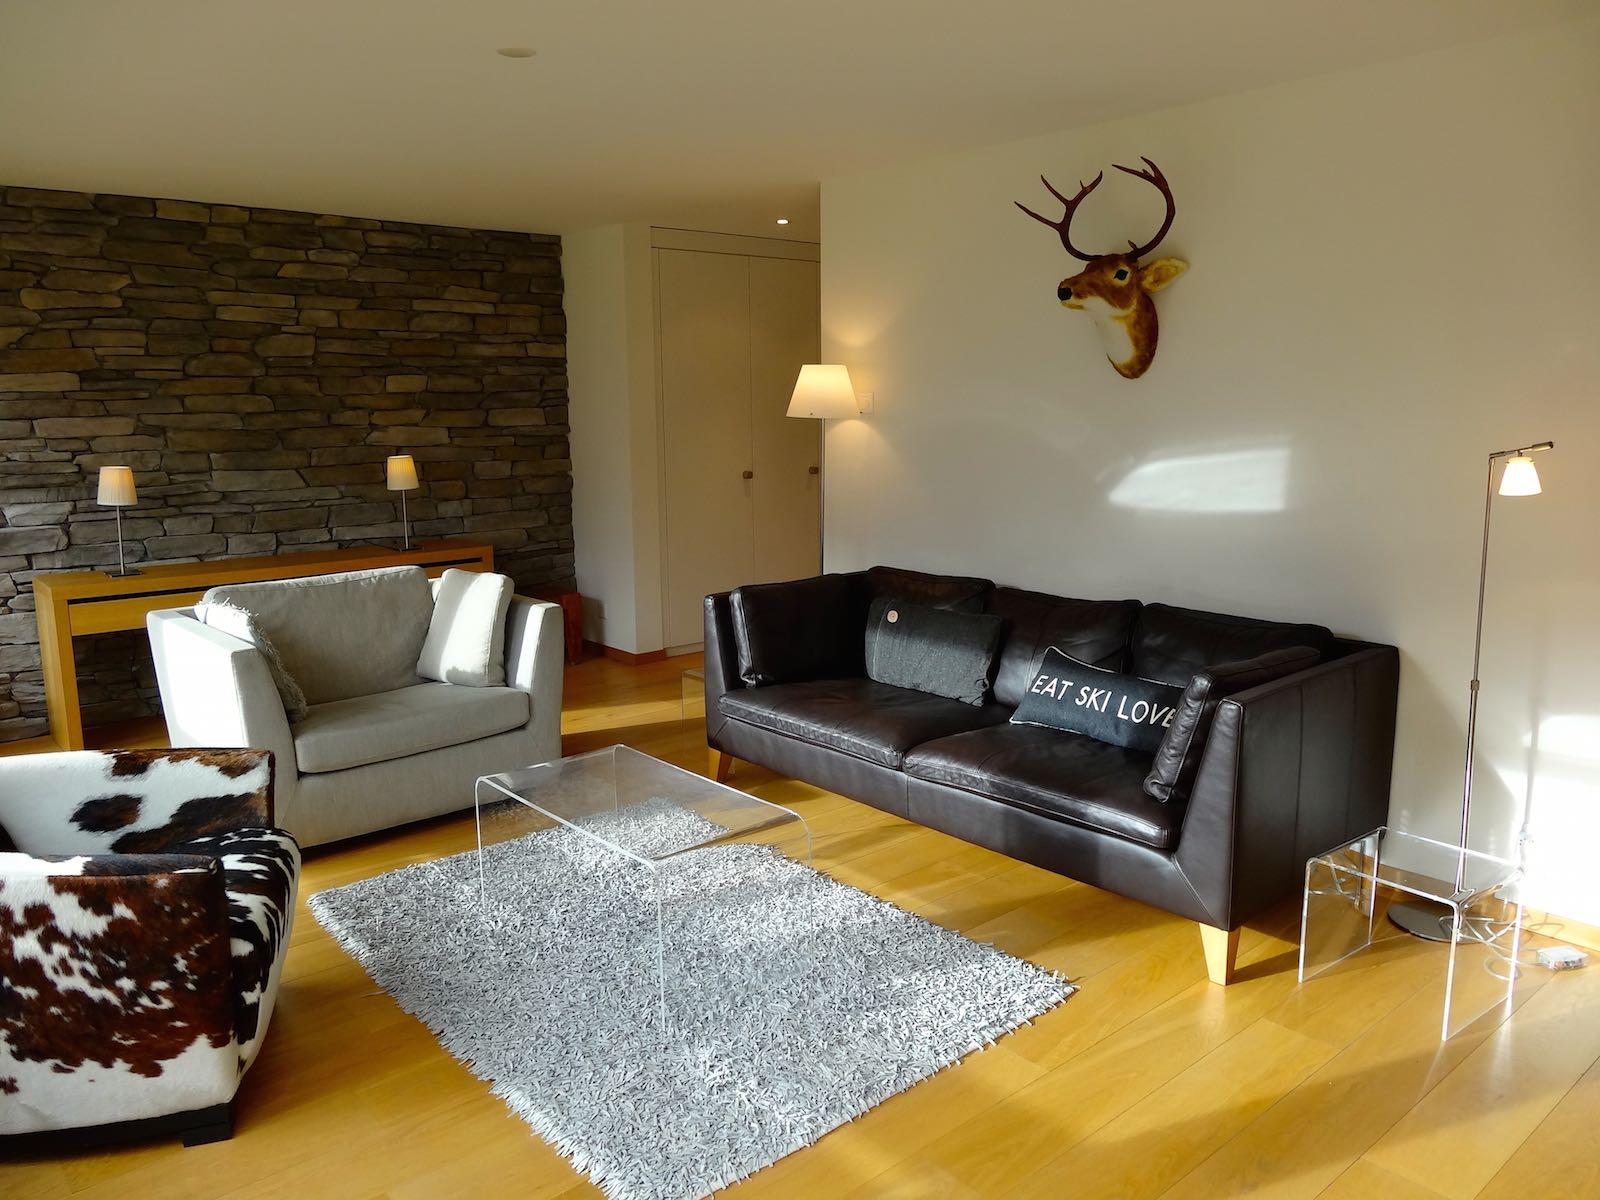 http://hoteljungfrau.ch/wp-content/uploads/2014/11/jungfrau-lodge-12.jpg